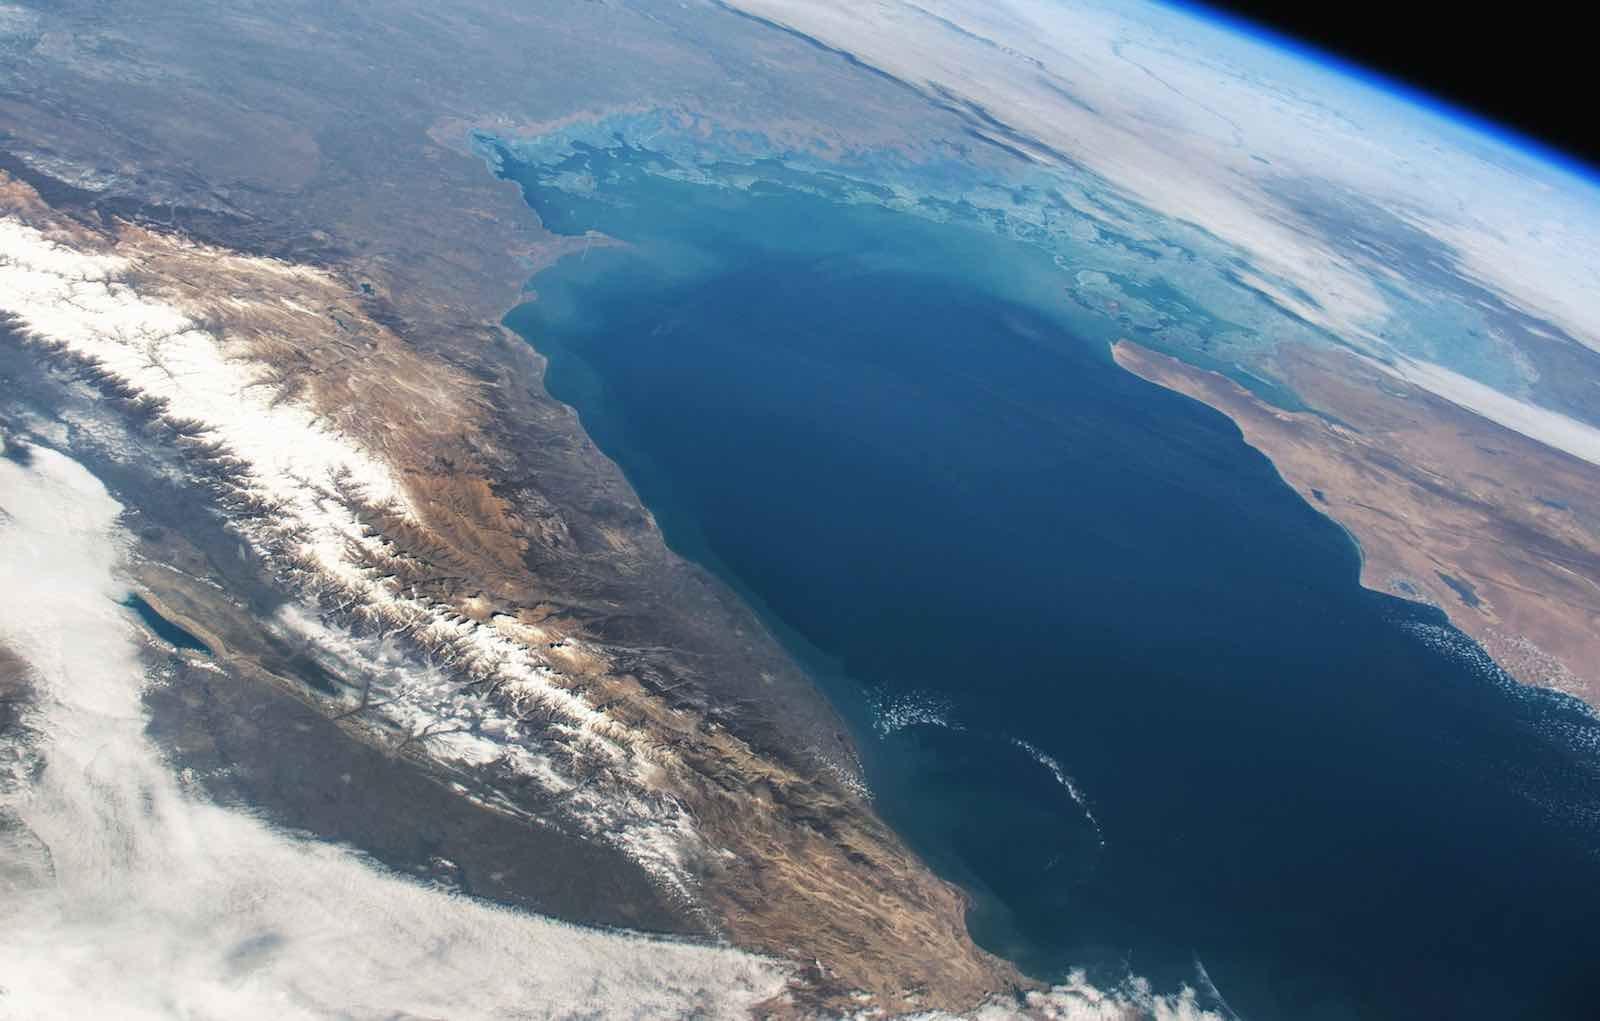 Photo: NASA via Stuart Rankin/Flickr